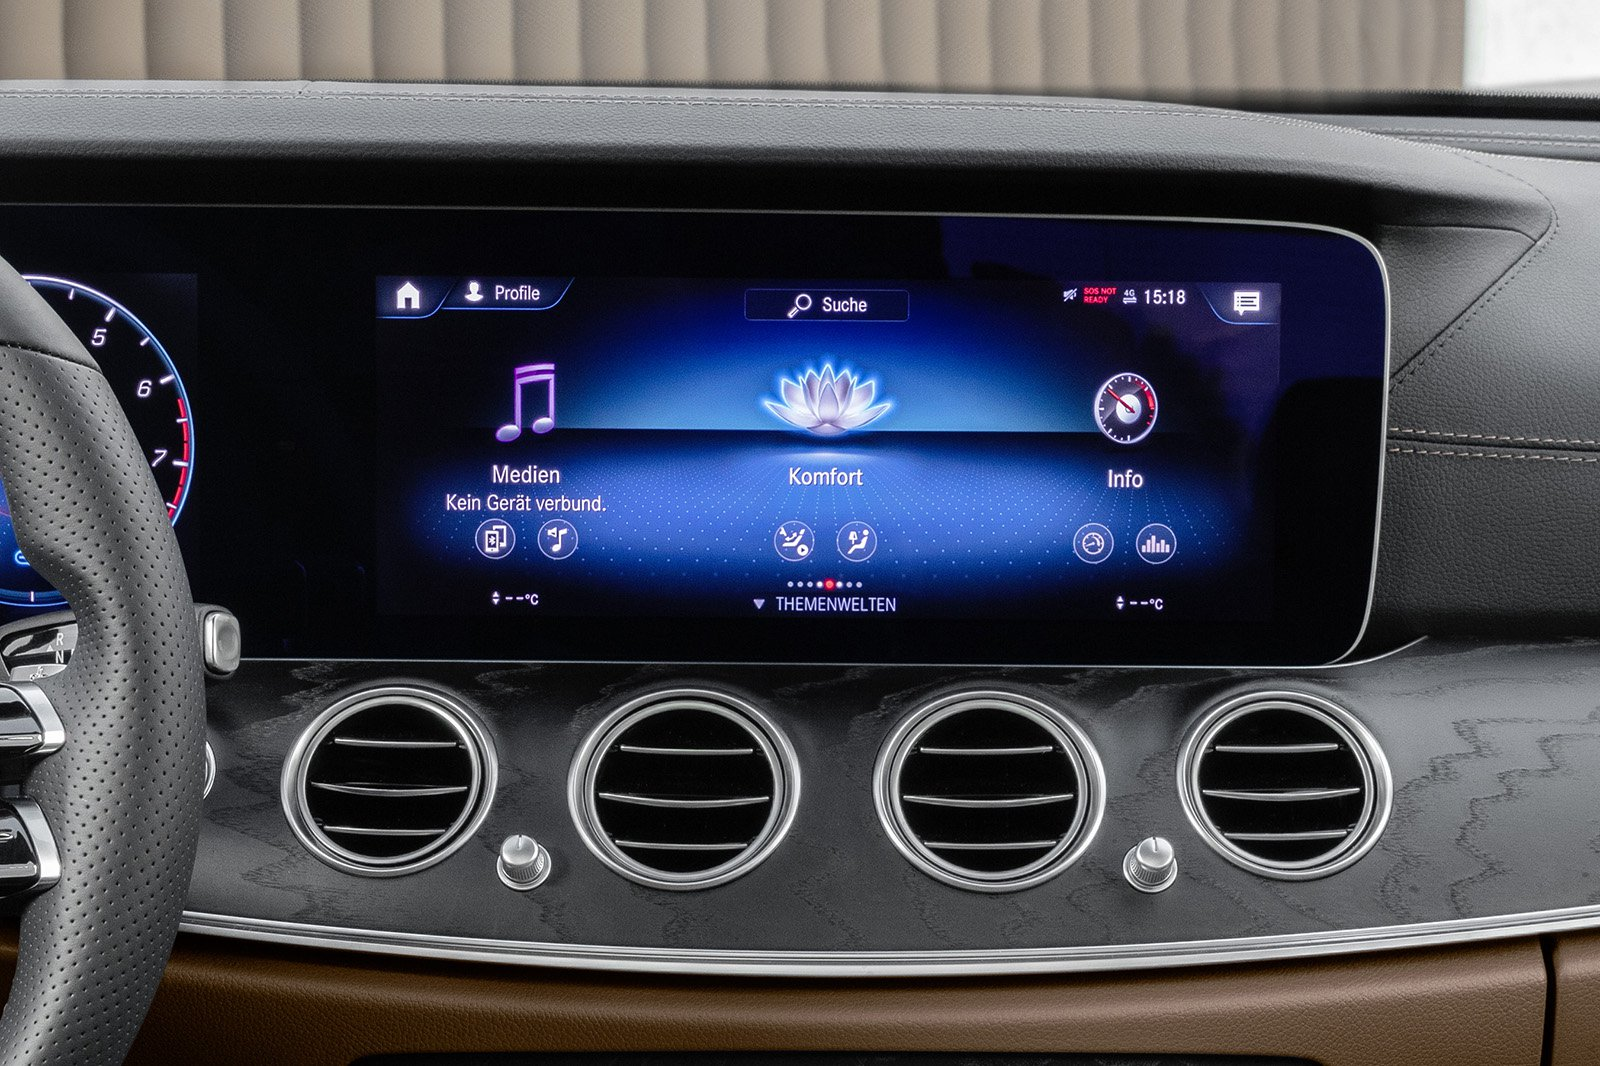 Mercedes E Class 2020 infotainment